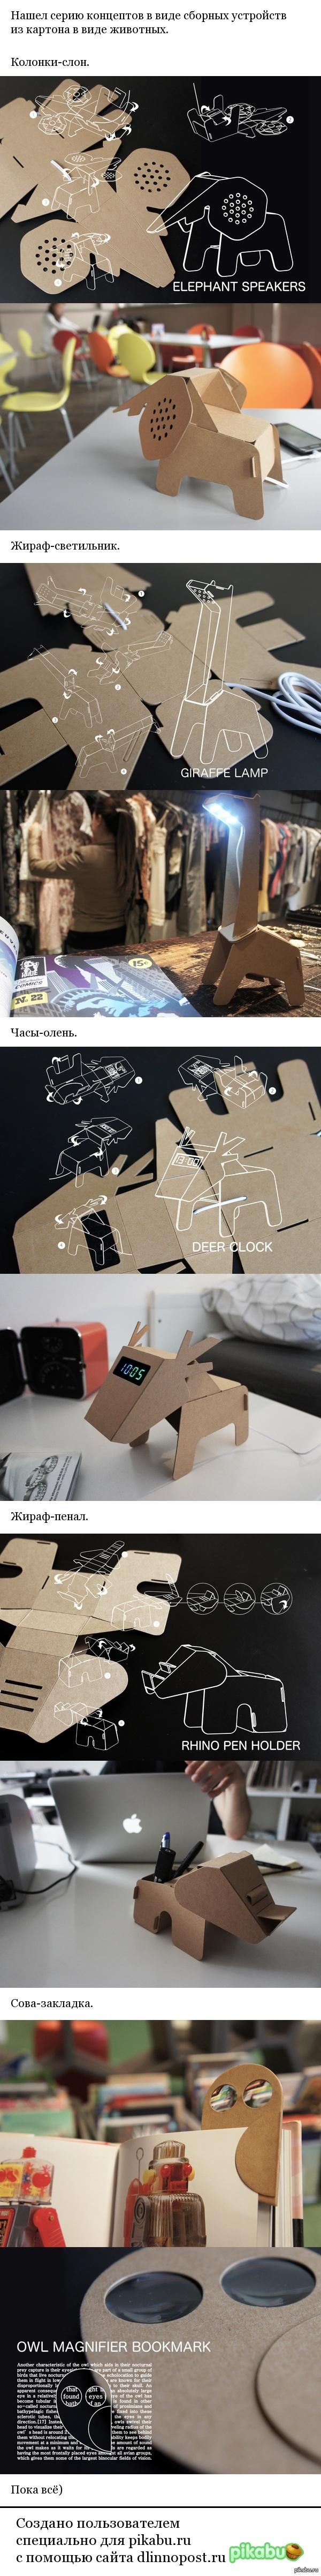 Интересные концепты №155 Нашел концепты картонных устройств (корпуса картонные).